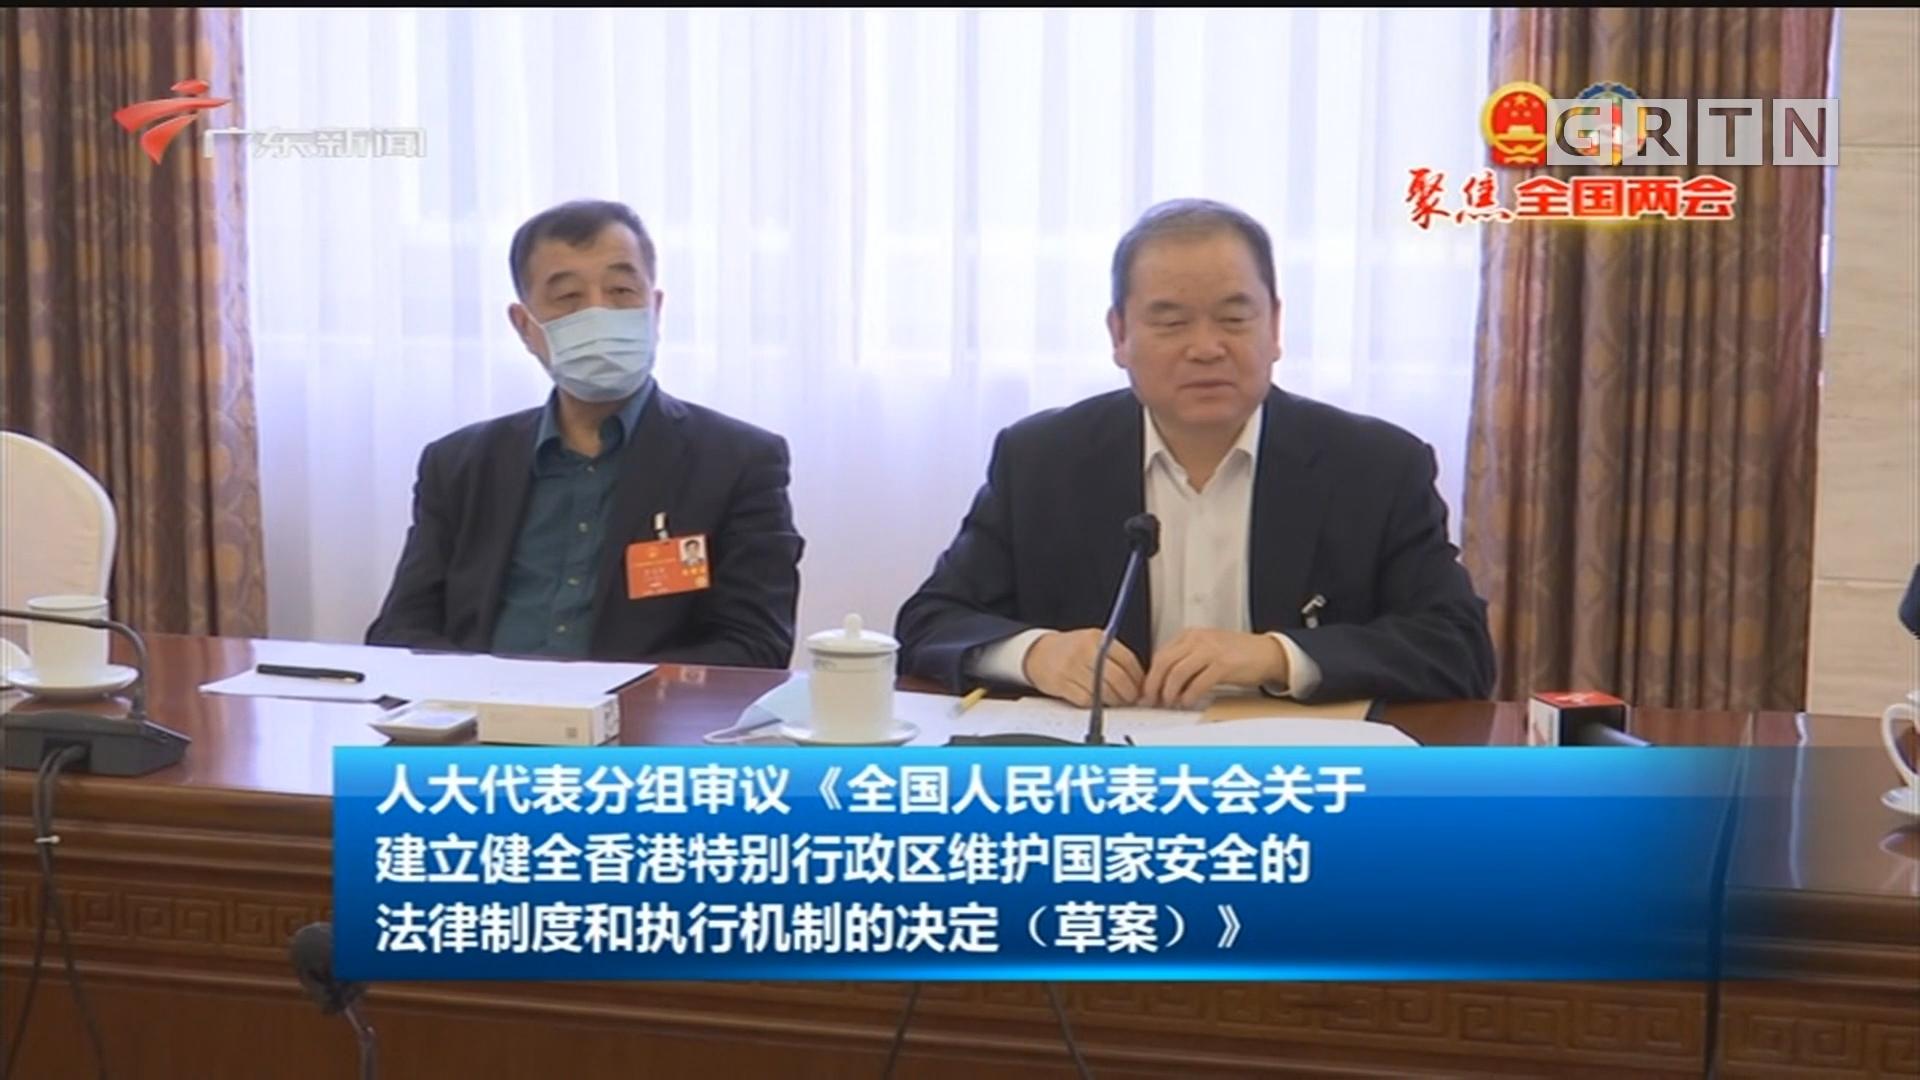 人大代表分组审议《全国人民代表大会关于建立健全香港特别行政区维护国家安全的法律制度和执行机制的决定(草案)》